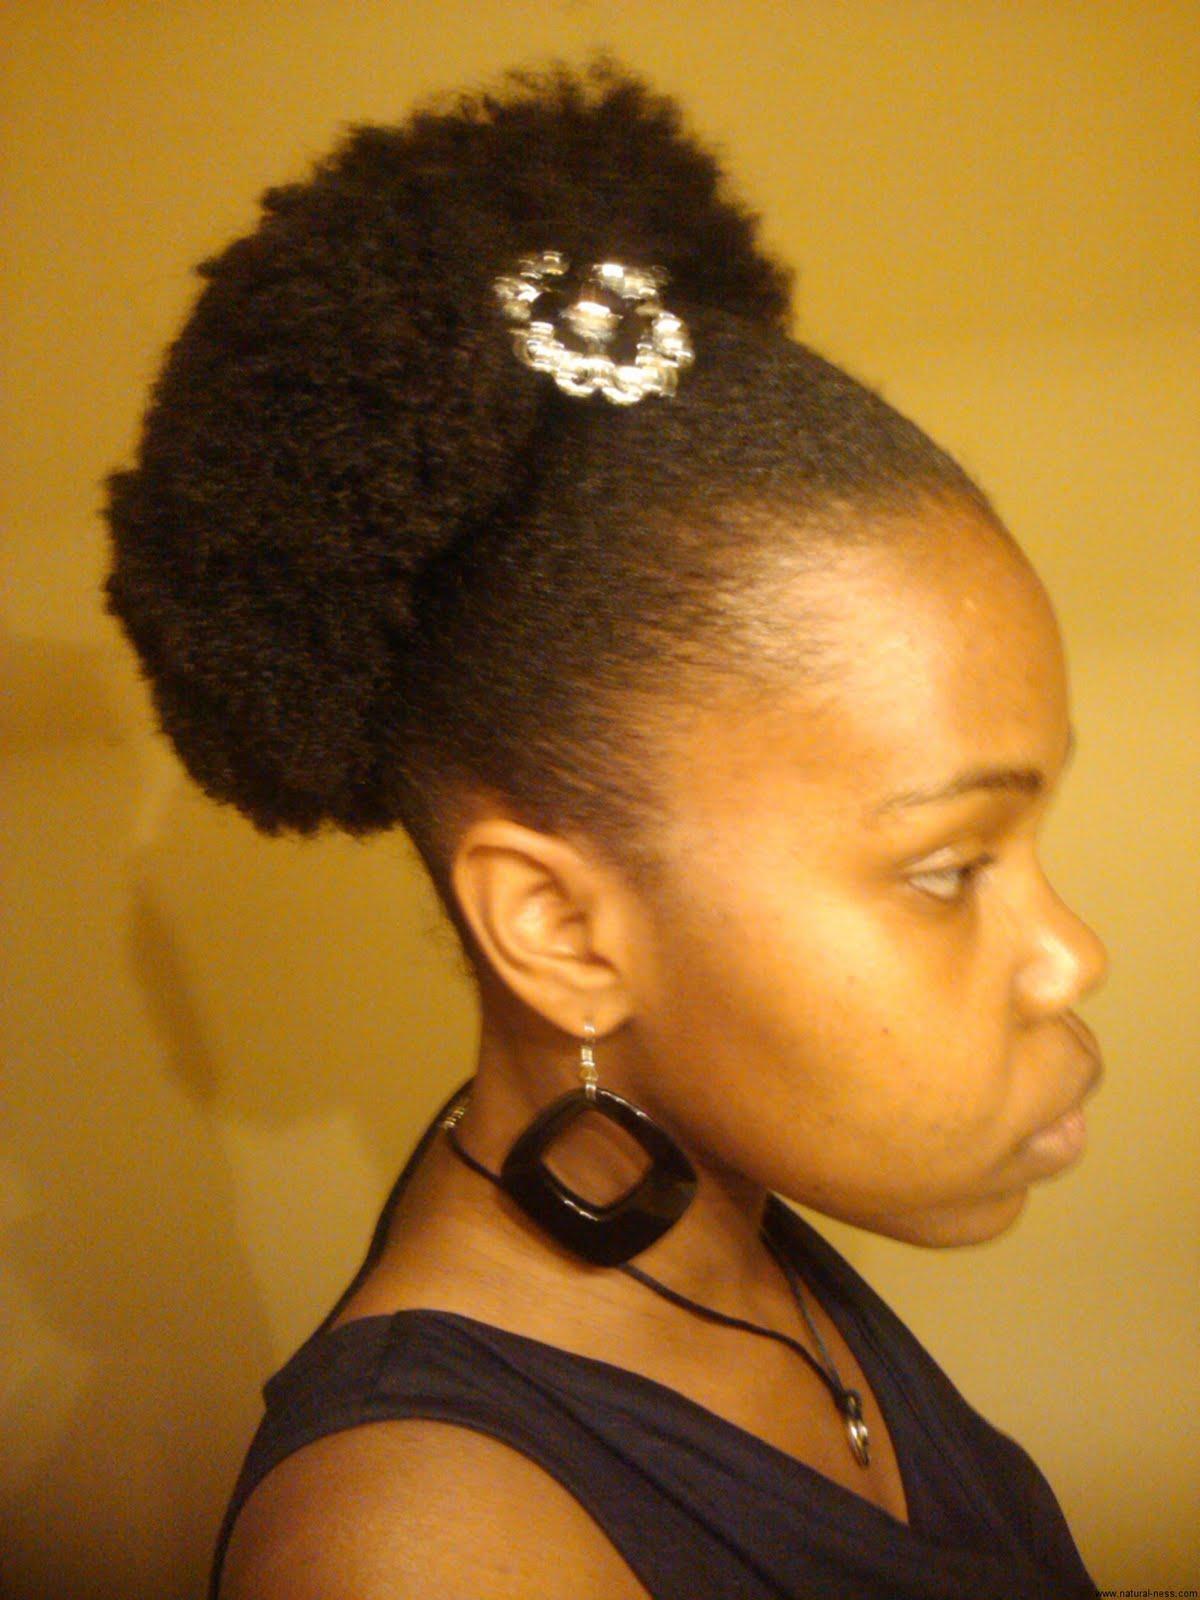 Natural Hair Puff on 'Stubborn Hair'